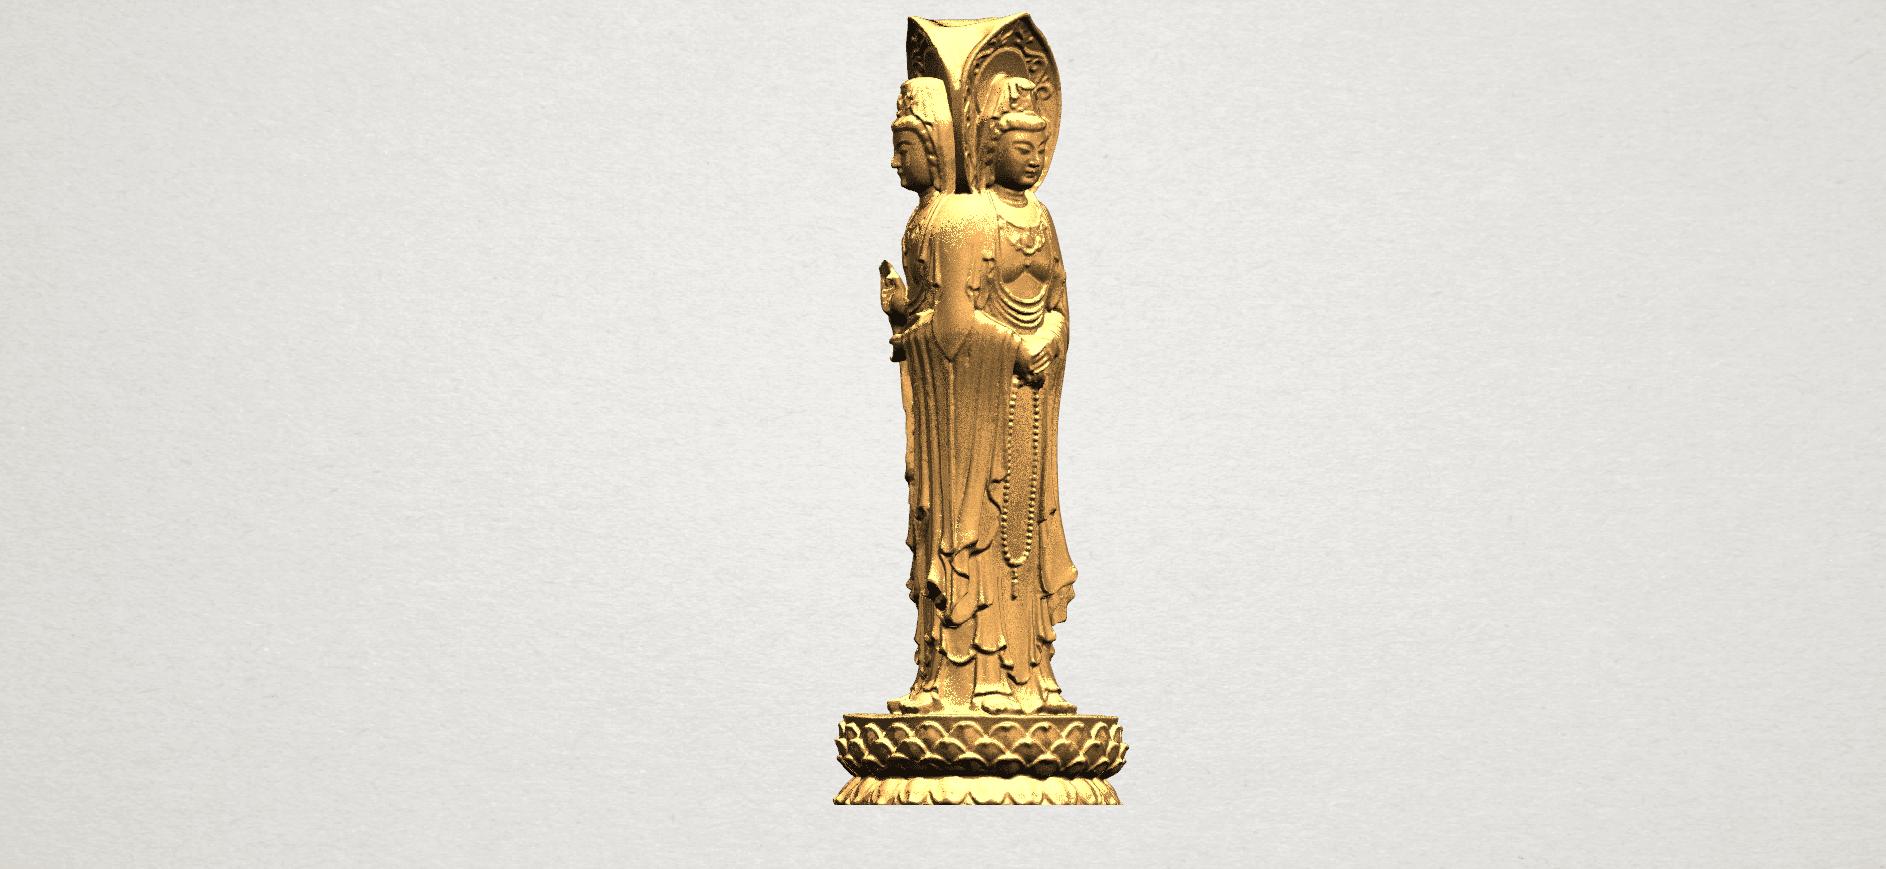 Avalokitesvara Buddha (with Lotus Leave) (i) A06.png Download free STL file Avalokitesvara Buddha (with Lotus Leave) 01 • 3D printable model, GeorgesNikkei